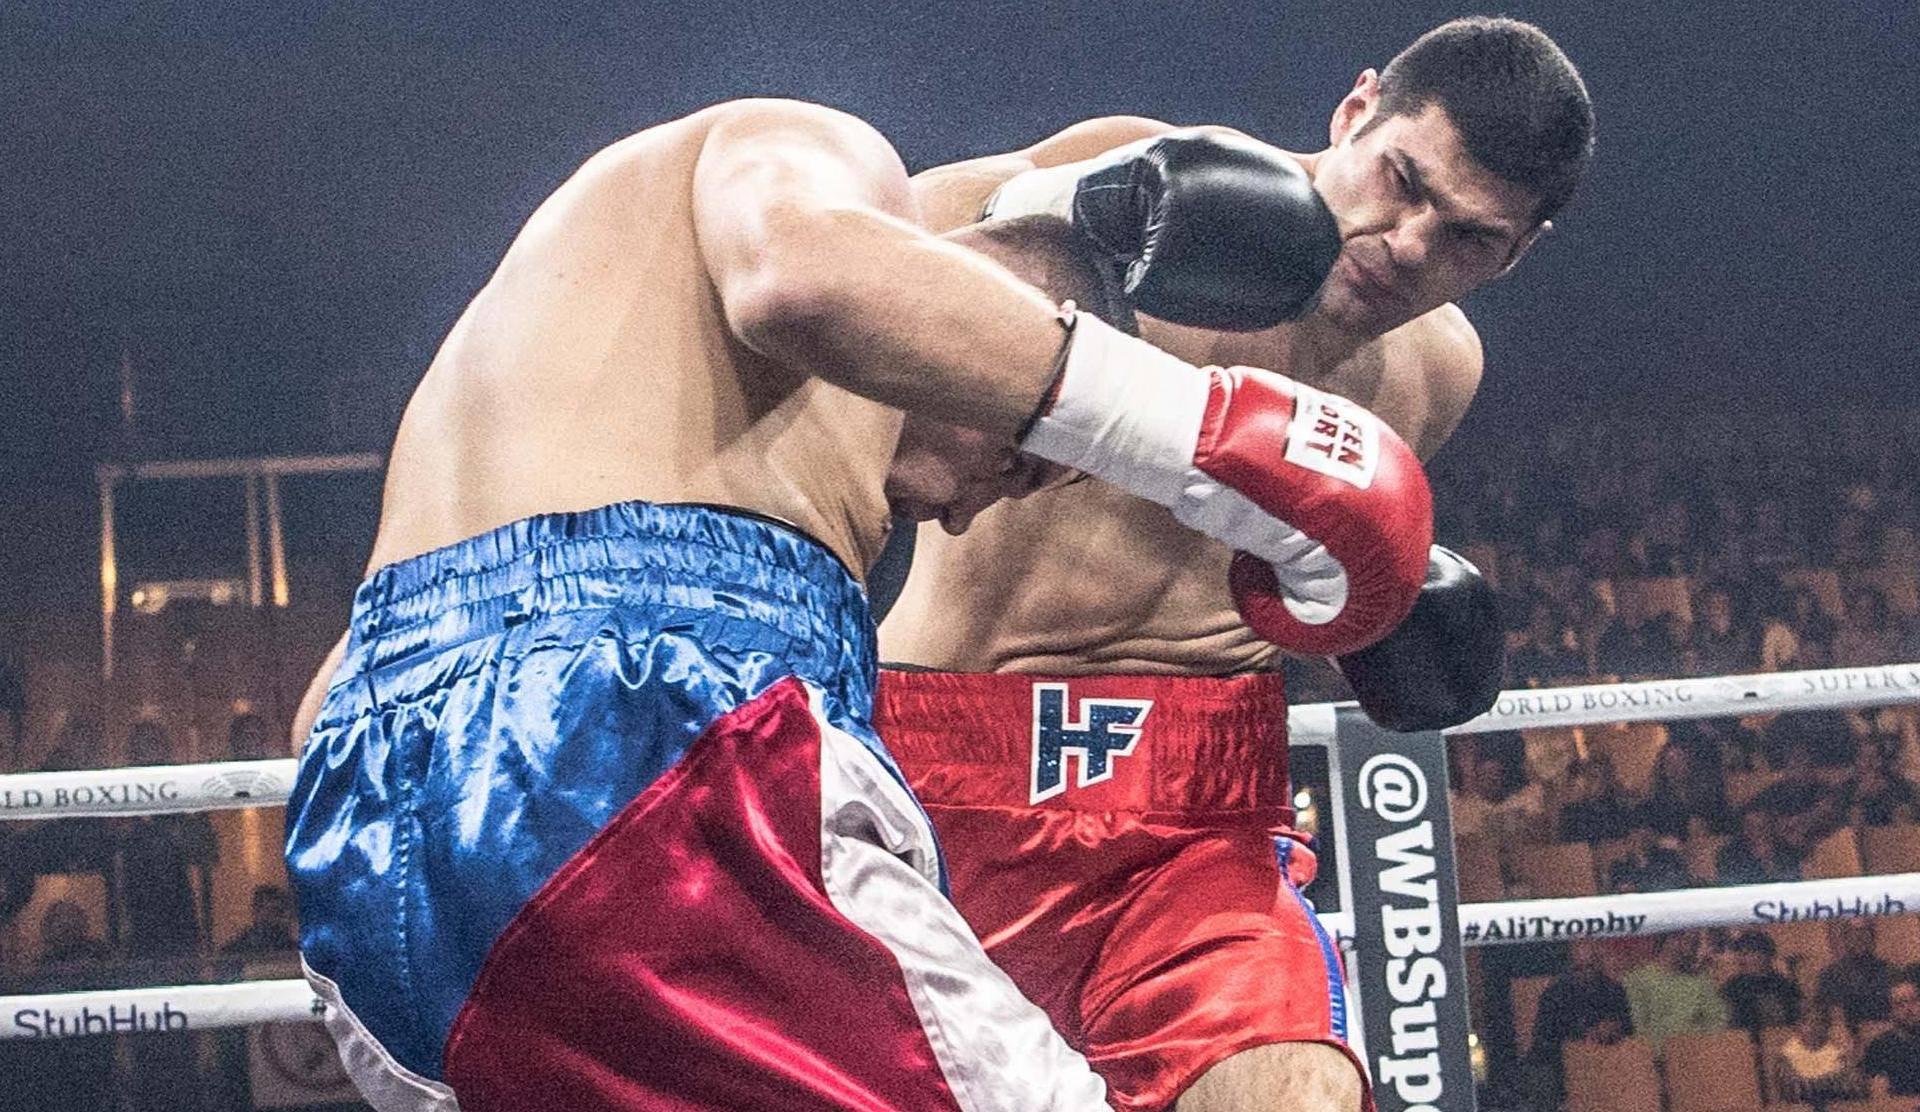 Povratak Hrge u ring: Boksat će 9. lipnja, a zatim u Zagrebu